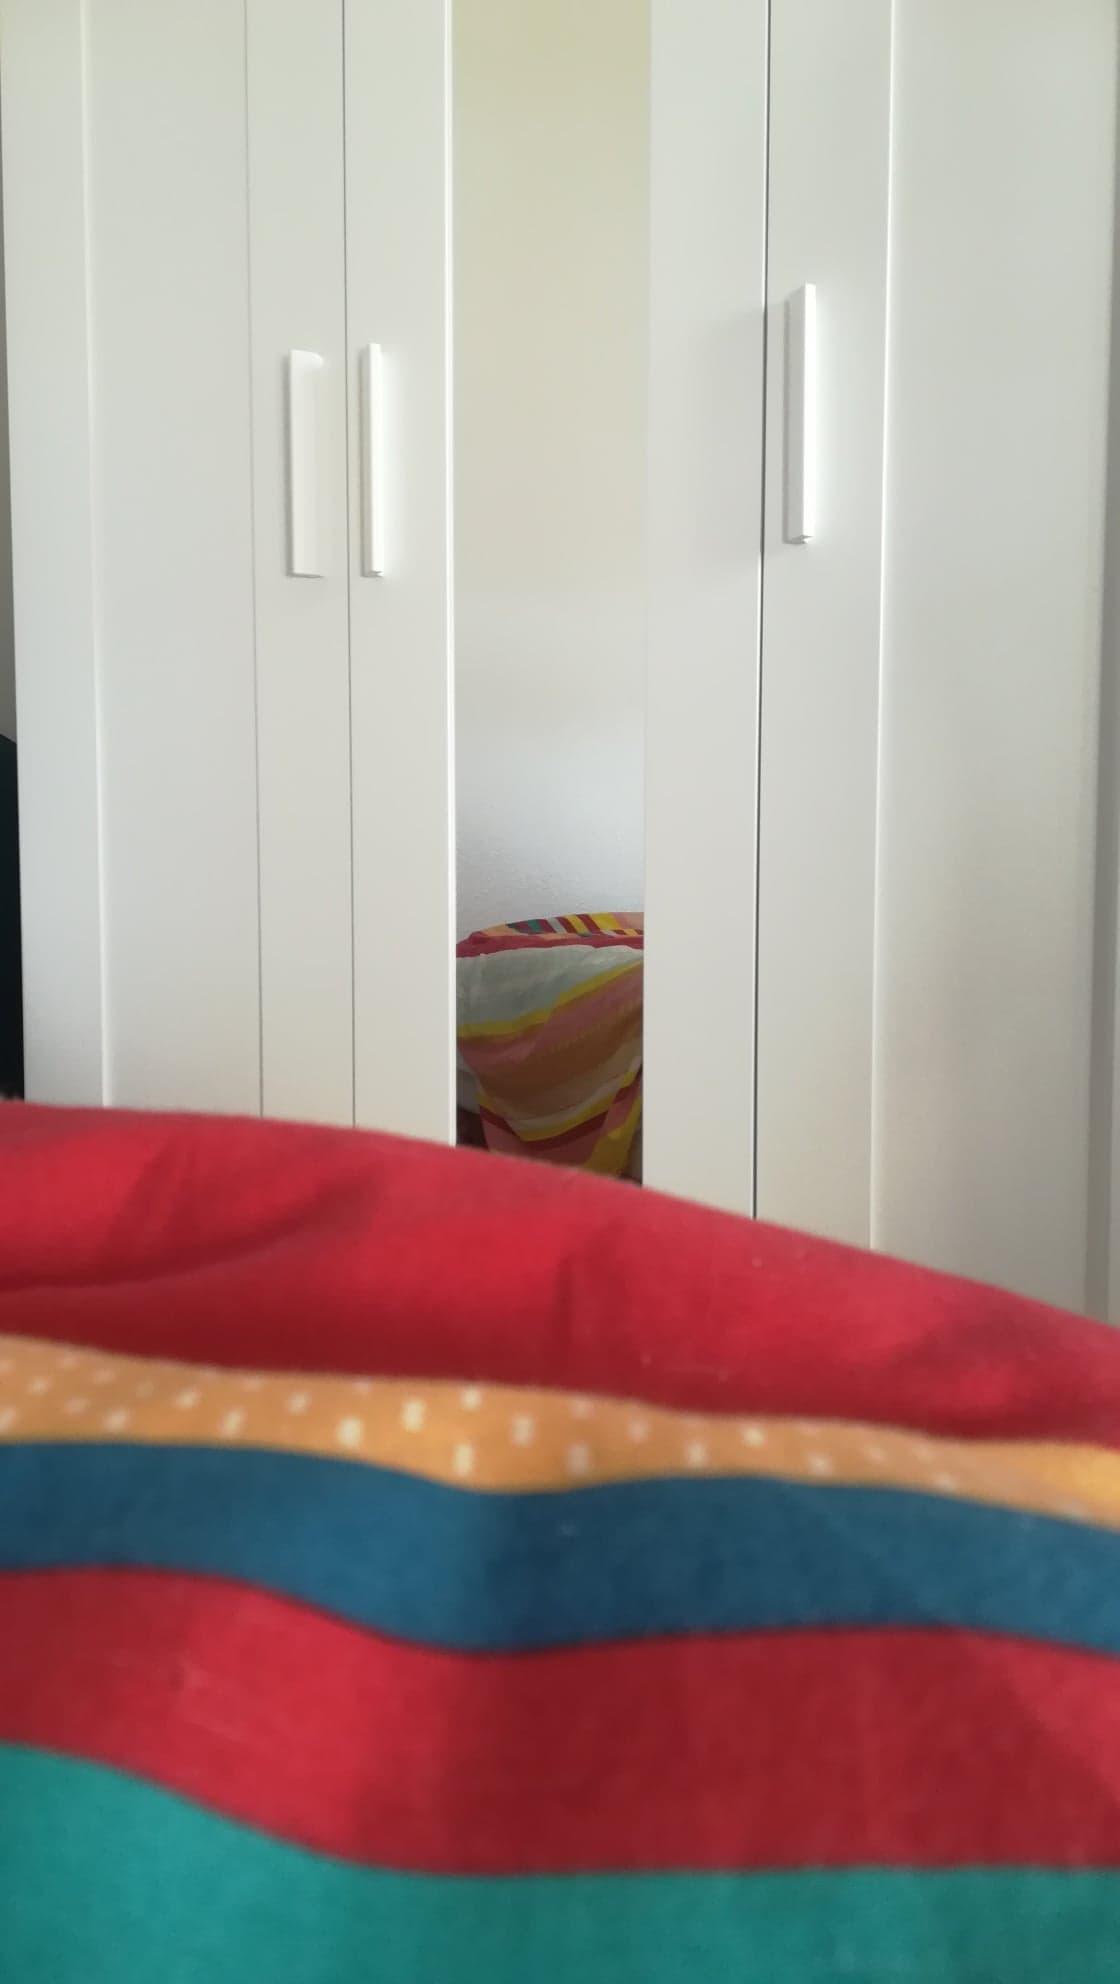 En bas de l'image, au premier plan flou, quelques bandes de couleur horizontales qui se succèdent jusqu'à un tiers de l'image environ : cyan, rouge, bleu, orange, rouge. Au second plan, une armoire blanche. À droite, une porte du meuble. Au milieu, un miroir fin et vertical reflète la couverture sur laquelle le photographe est assis. À gauche, l'autre porte du meuble, symétrique à sa sœur.